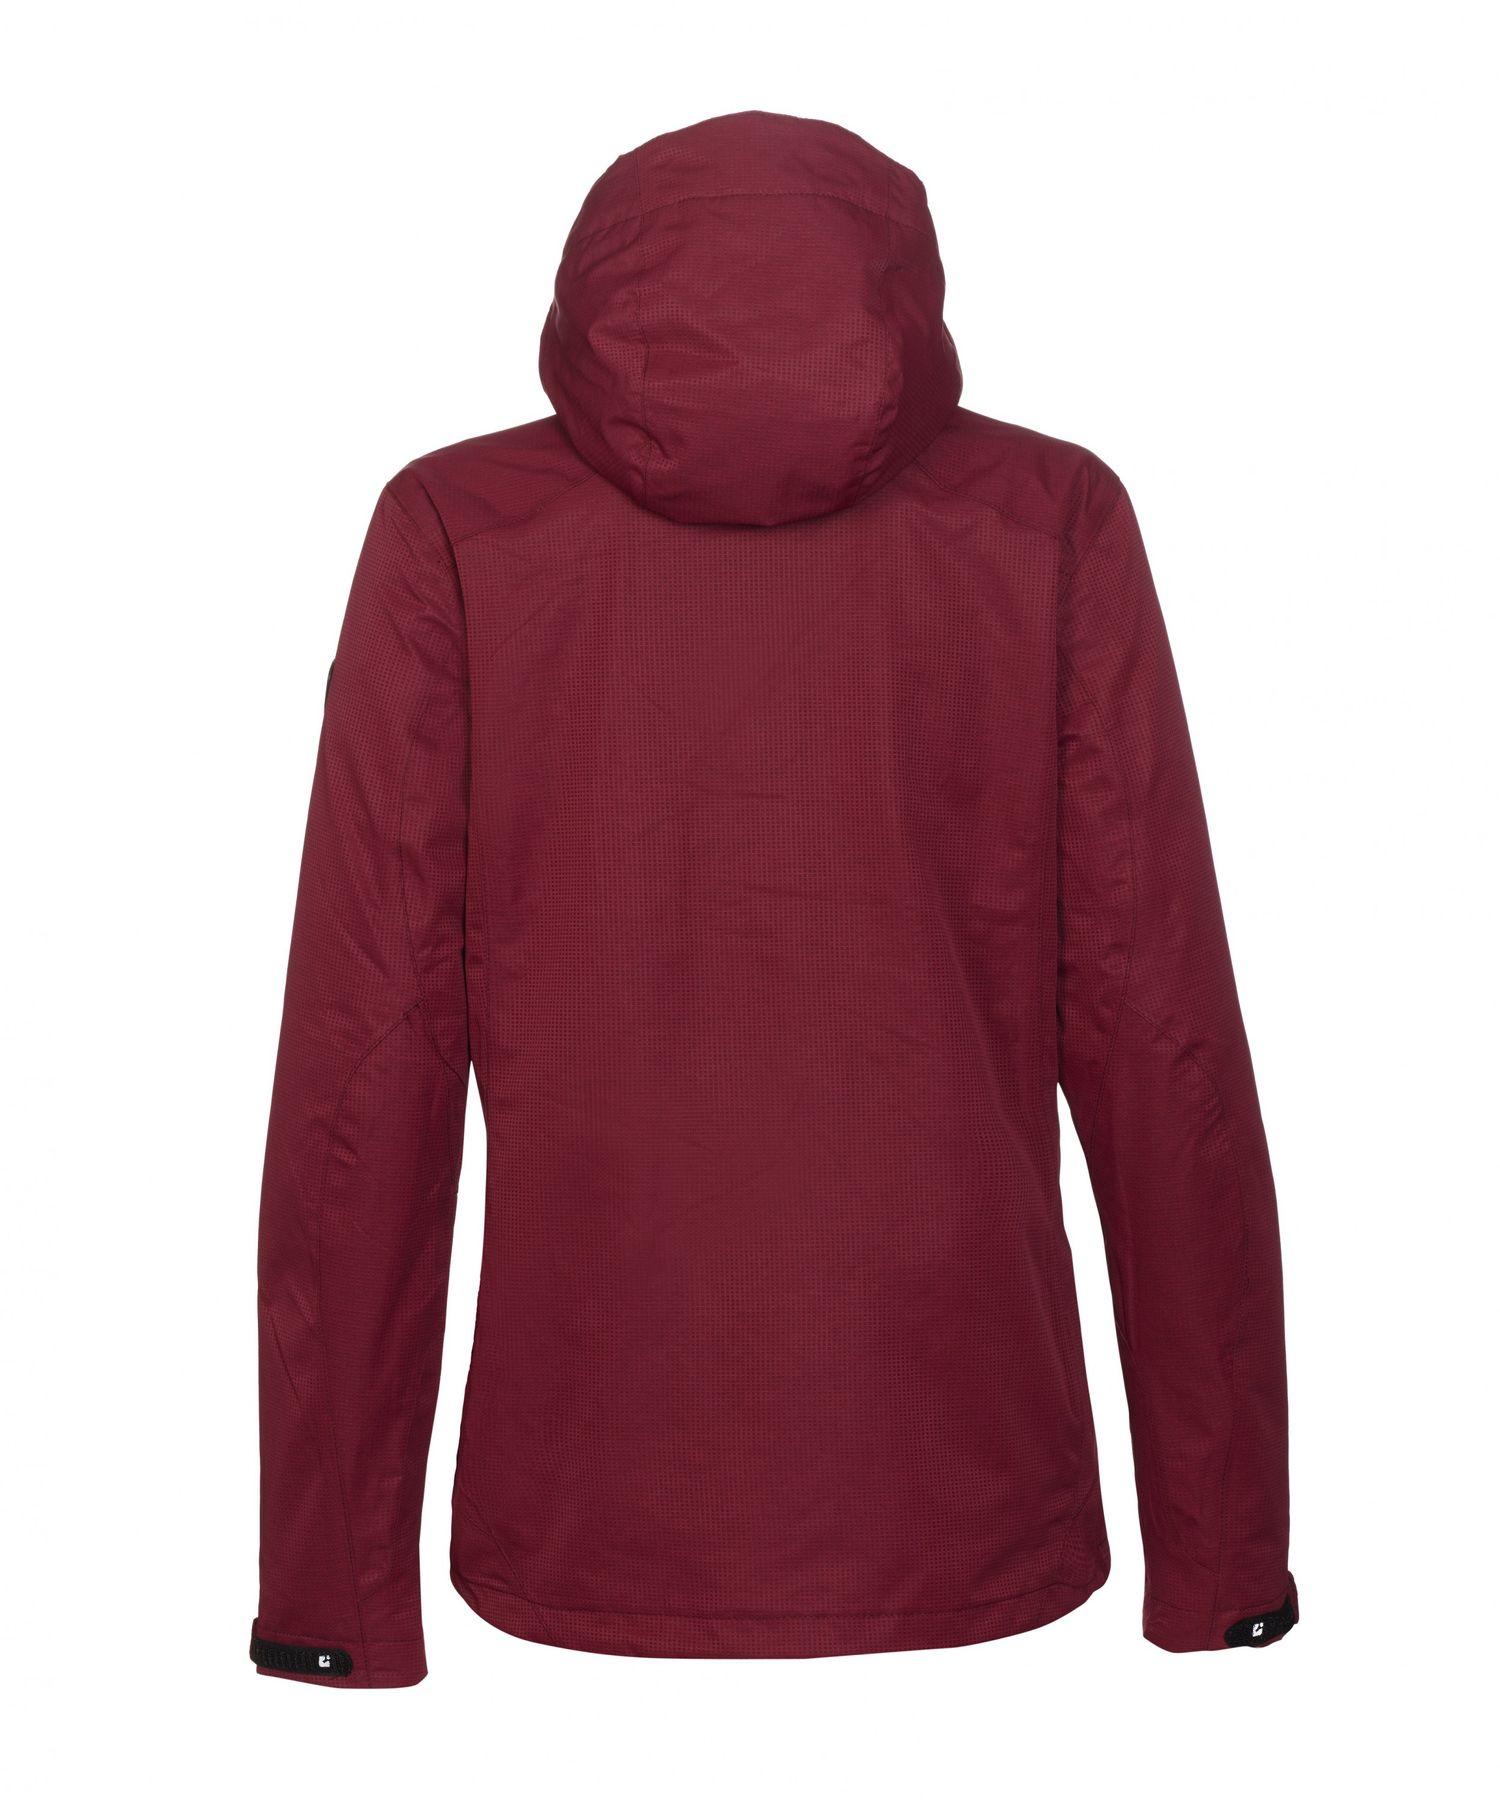 killtec - Damen Funktionsjacke mit abzipbarer Kapuze, wasserdicht, atmungsakiv, verschiedene Farben, Inkele KG (24815) – Bild 12